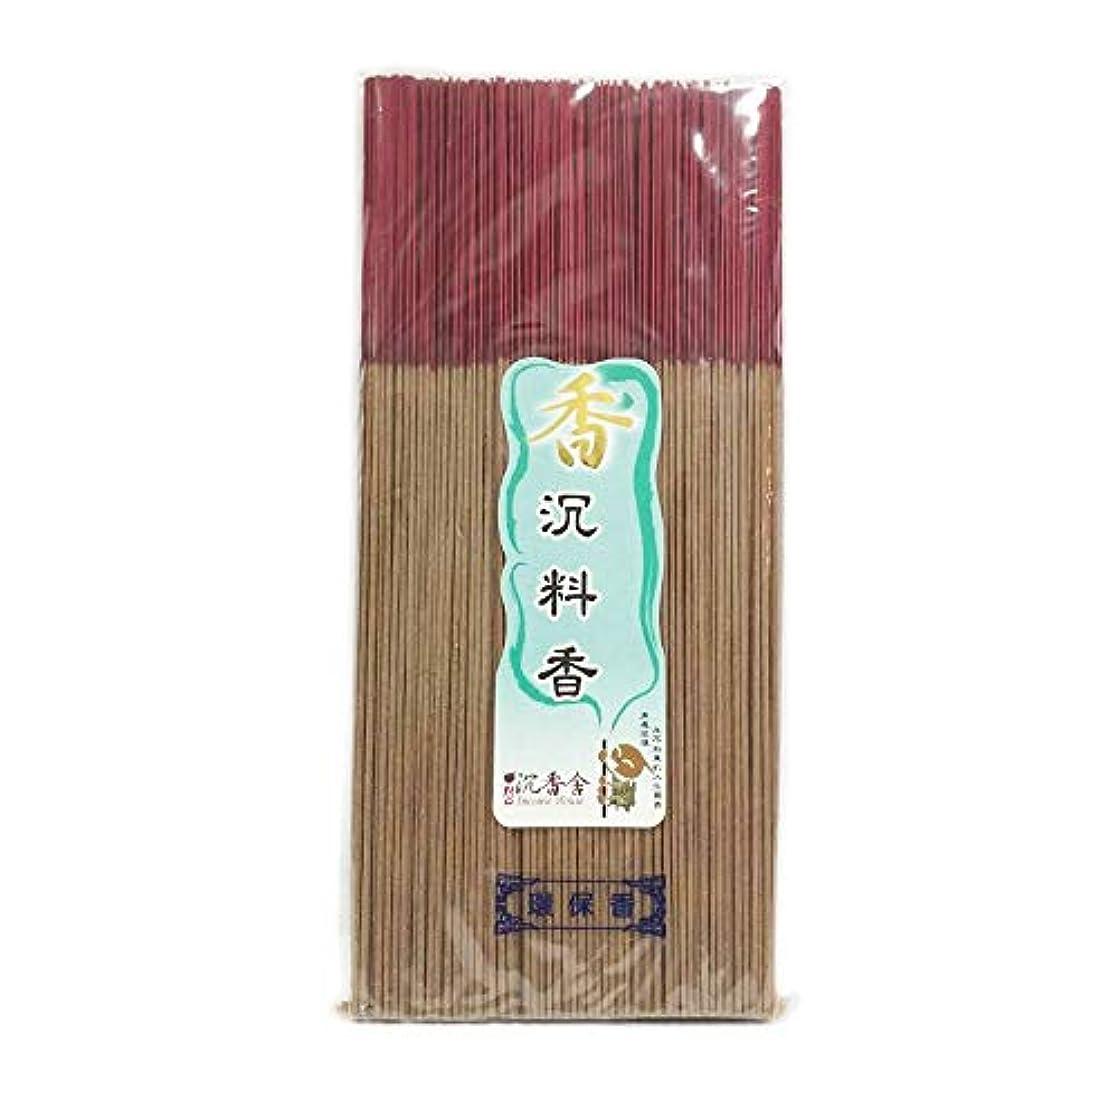 寛大な準備するいわゆる伝統的 中国風 薬味 ジョス お香スティック 300g 台湾 お香 家 宗教的 仏陀用 約400本 30cm